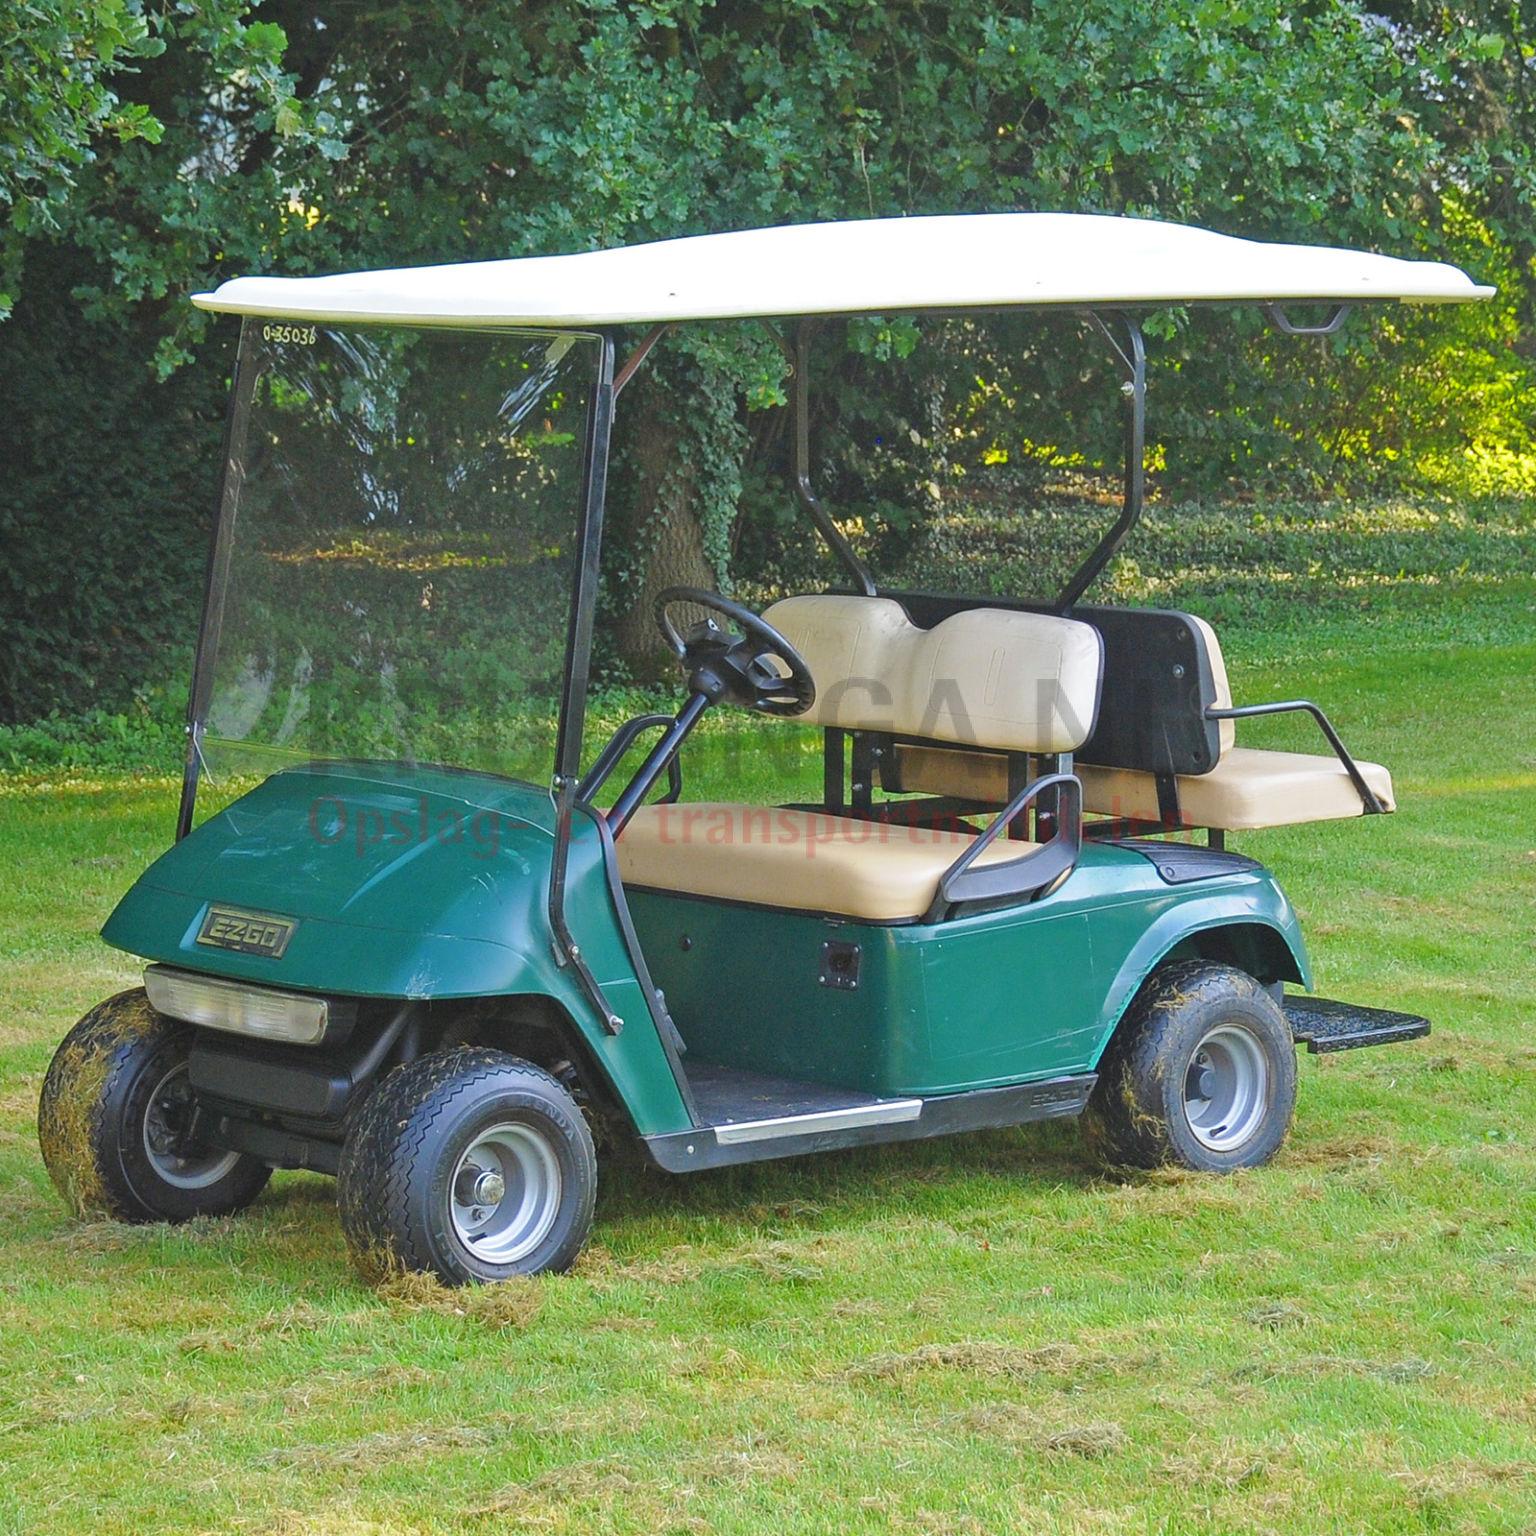 golf cart e z go pour 4 personnes lectrique occasion. Black Bedroom Furniture Sets. Home Design Ideas